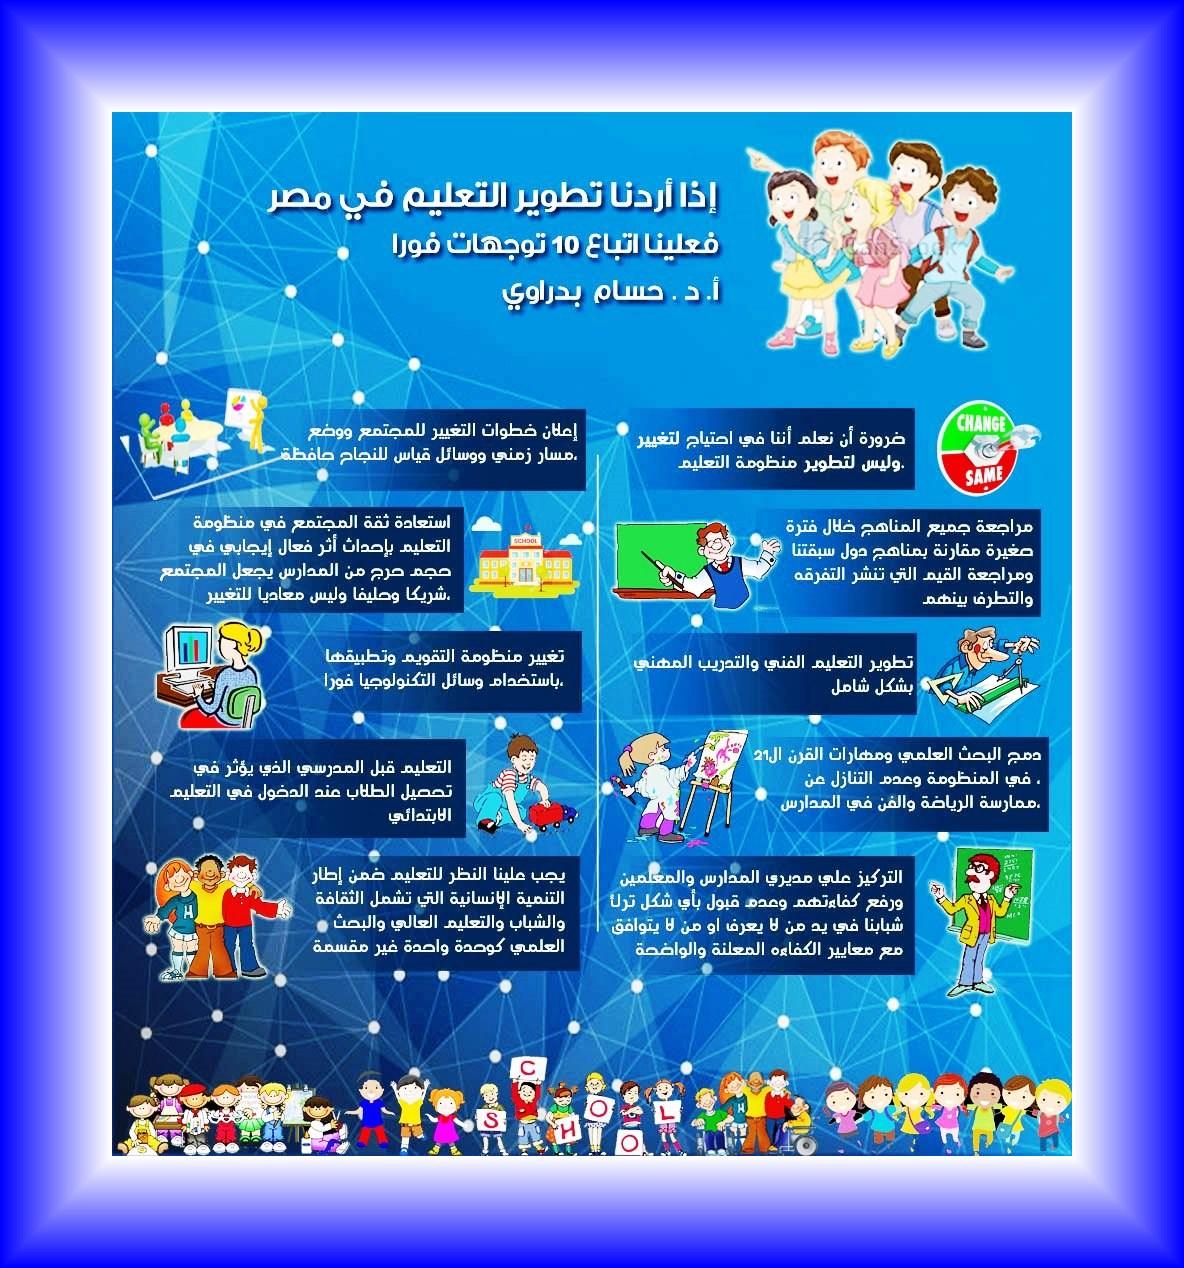 أردنا تطوير التعليم فعلينا إتباع www.alashrafedu.com1